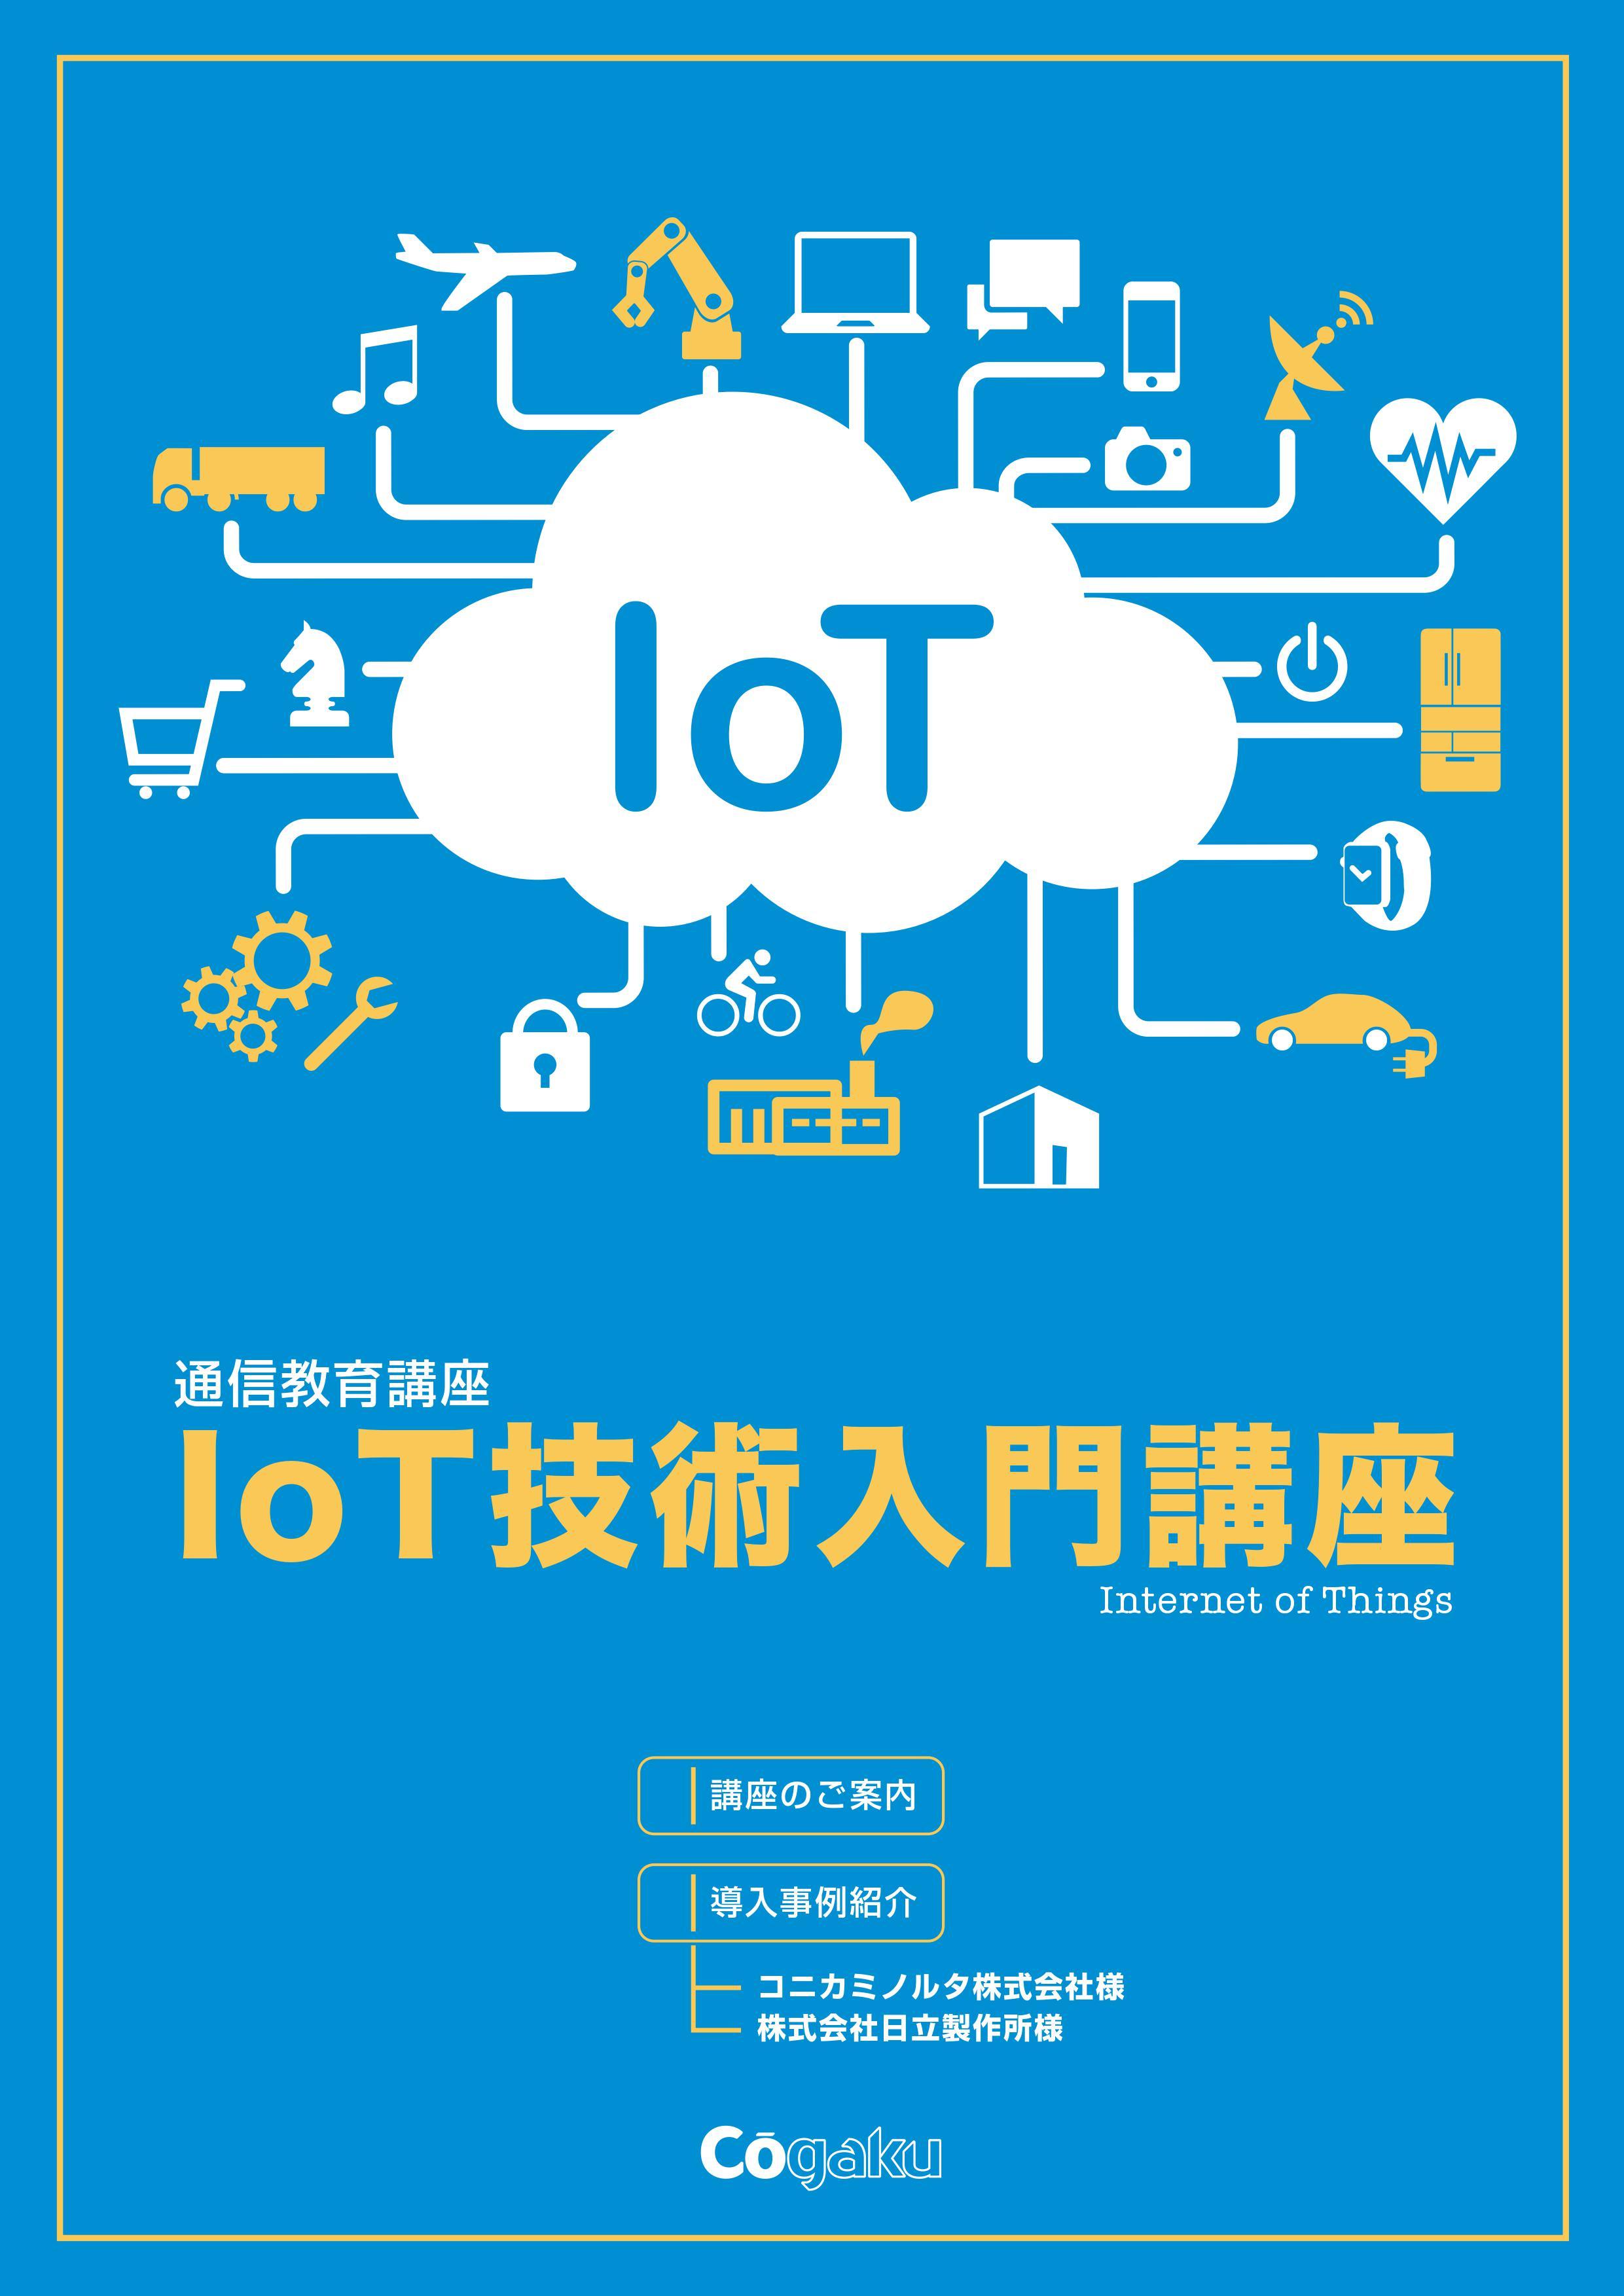 (通信講座) IoT技術入門講座_画像